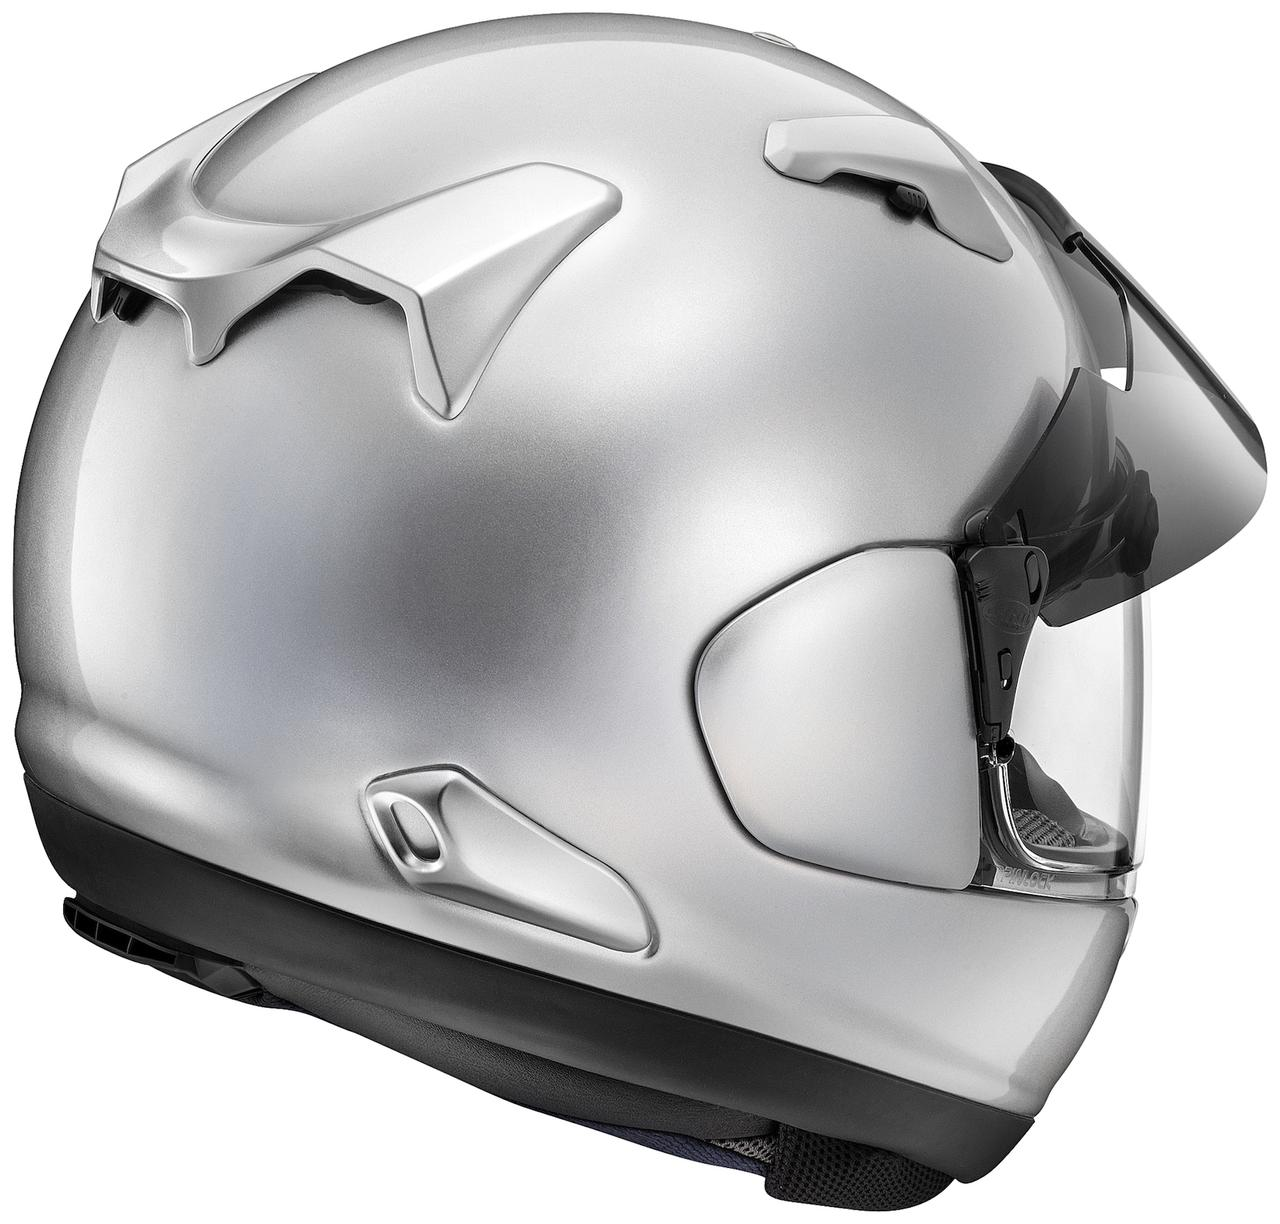 画像2: アライヘルメット ASTRAL-X(アルミナシルバー) ■価格:5万5080円(税込)